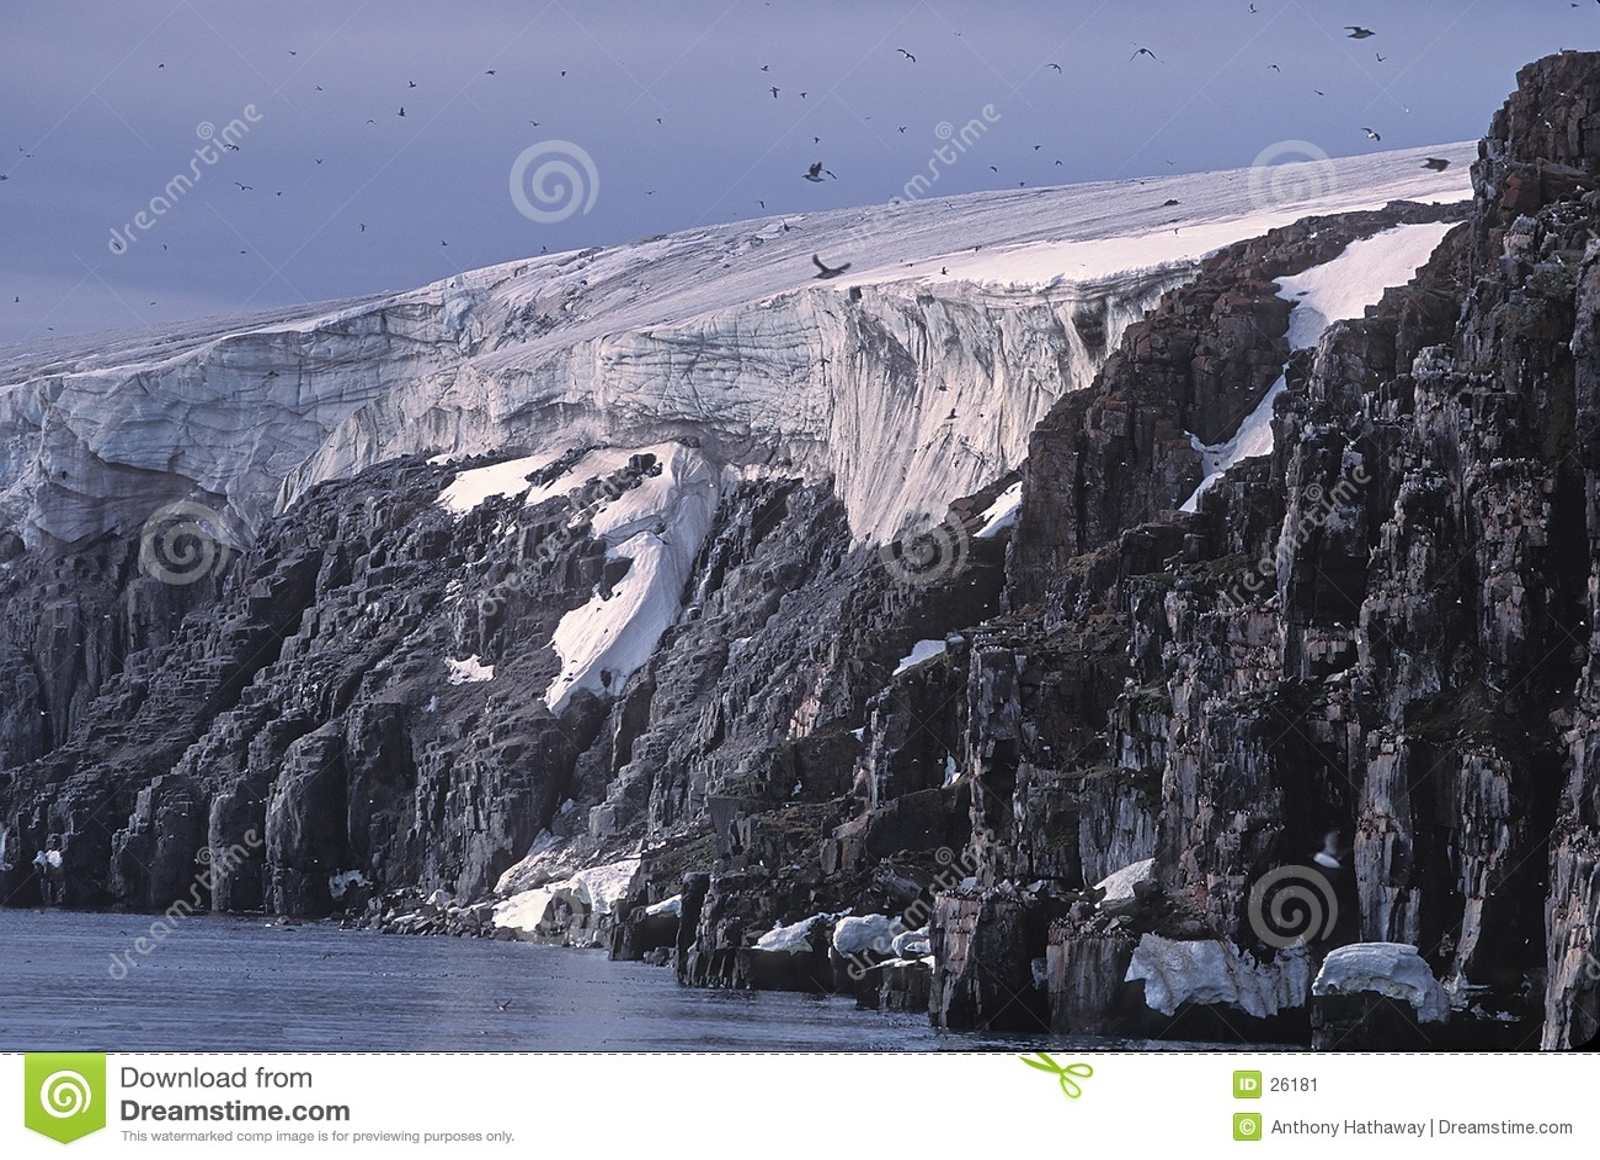 Gletscher, Vogelklippen und murres